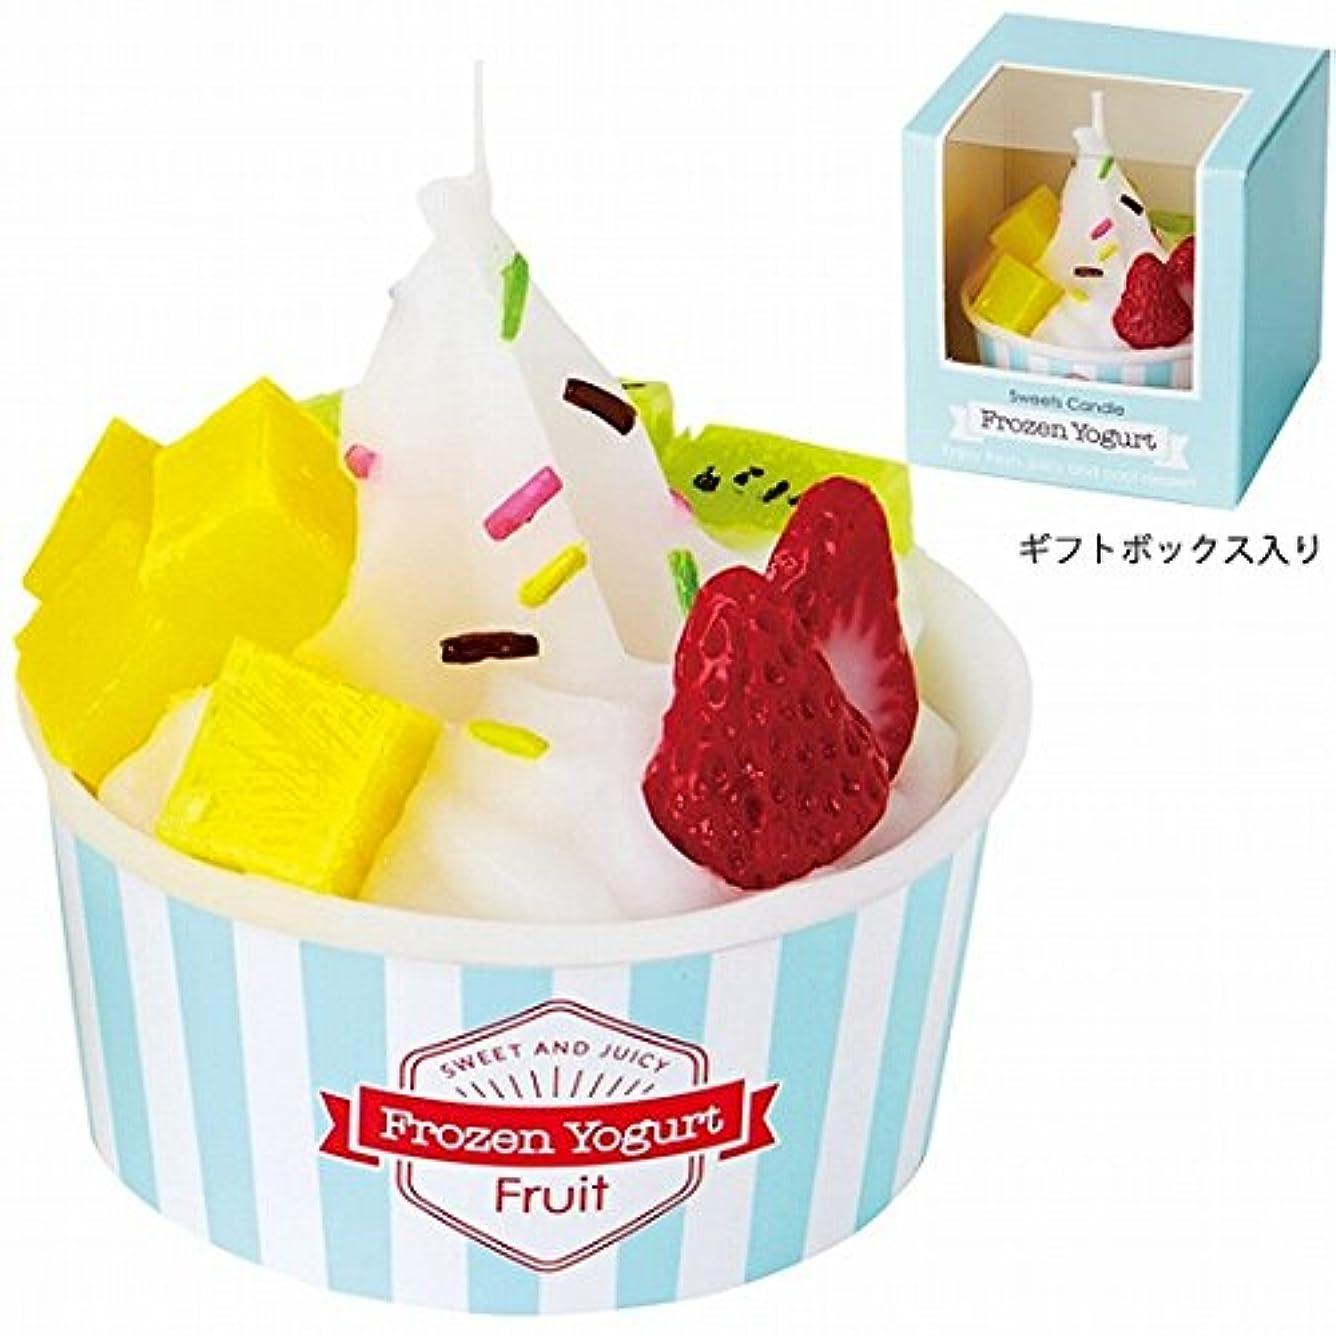 ジャニスファンブル壮大カメヤマキャンドル(kameyama candle) フローズンヨーグルトキャンドル 「フルーツ」 4個セット